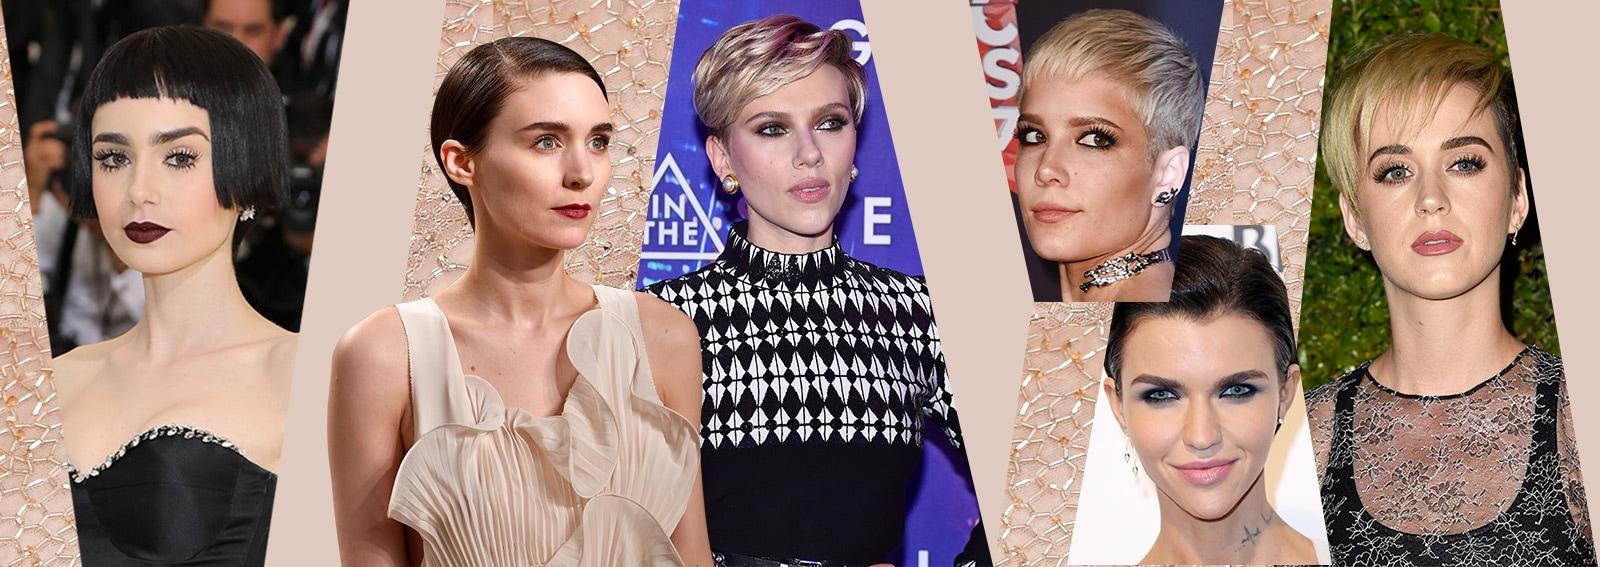 Tagli corti 2017: gli ultimi hairlook delle celeb